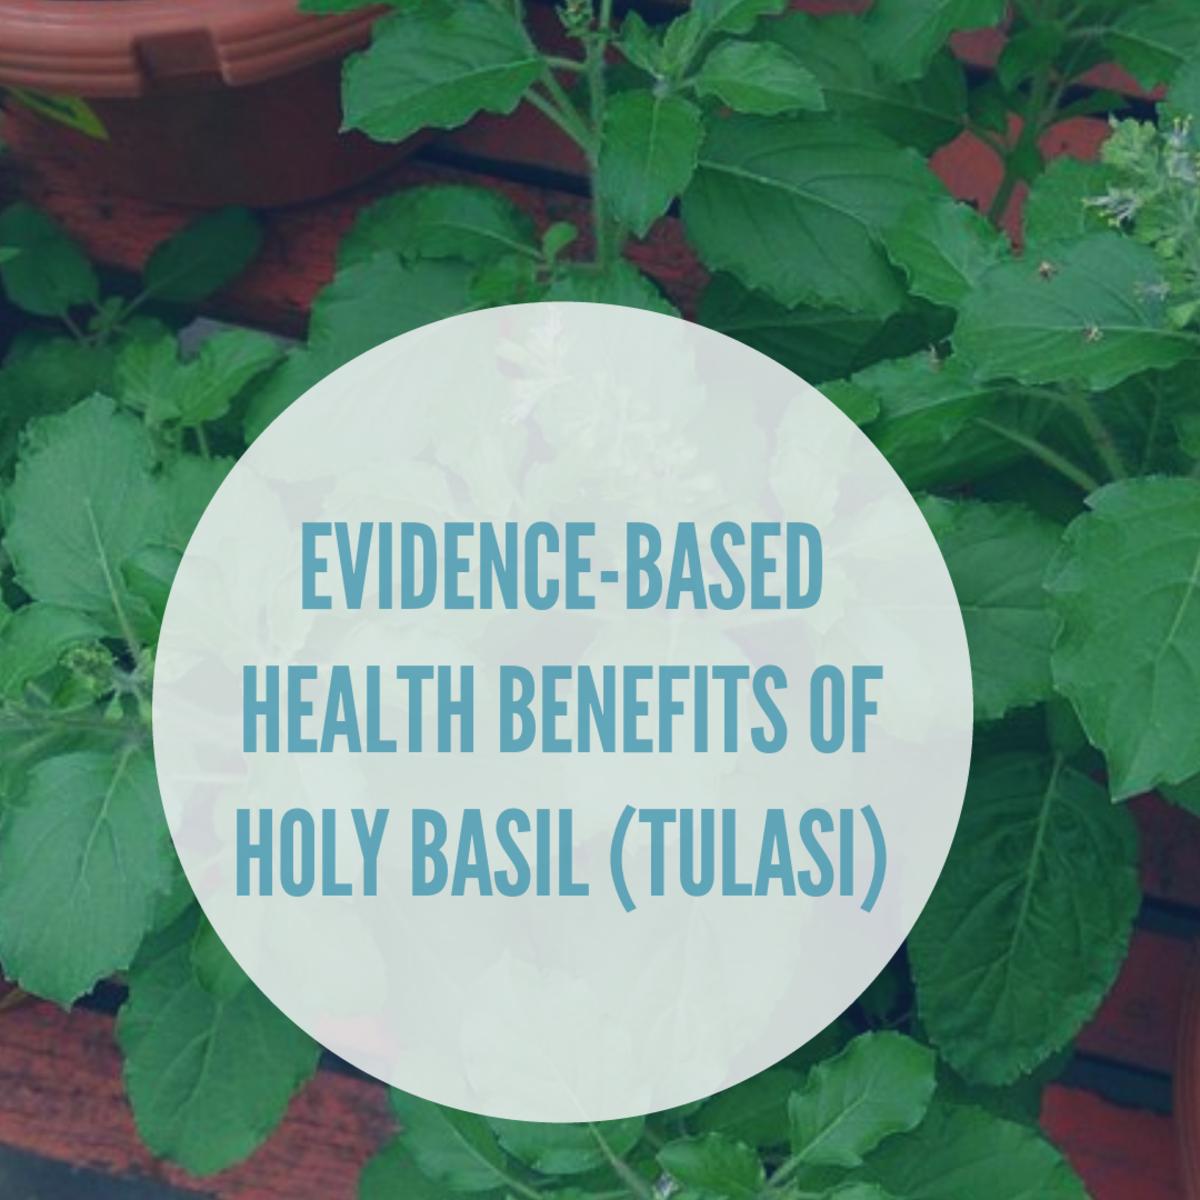 Evidence based benefits of holy basil or tulasi